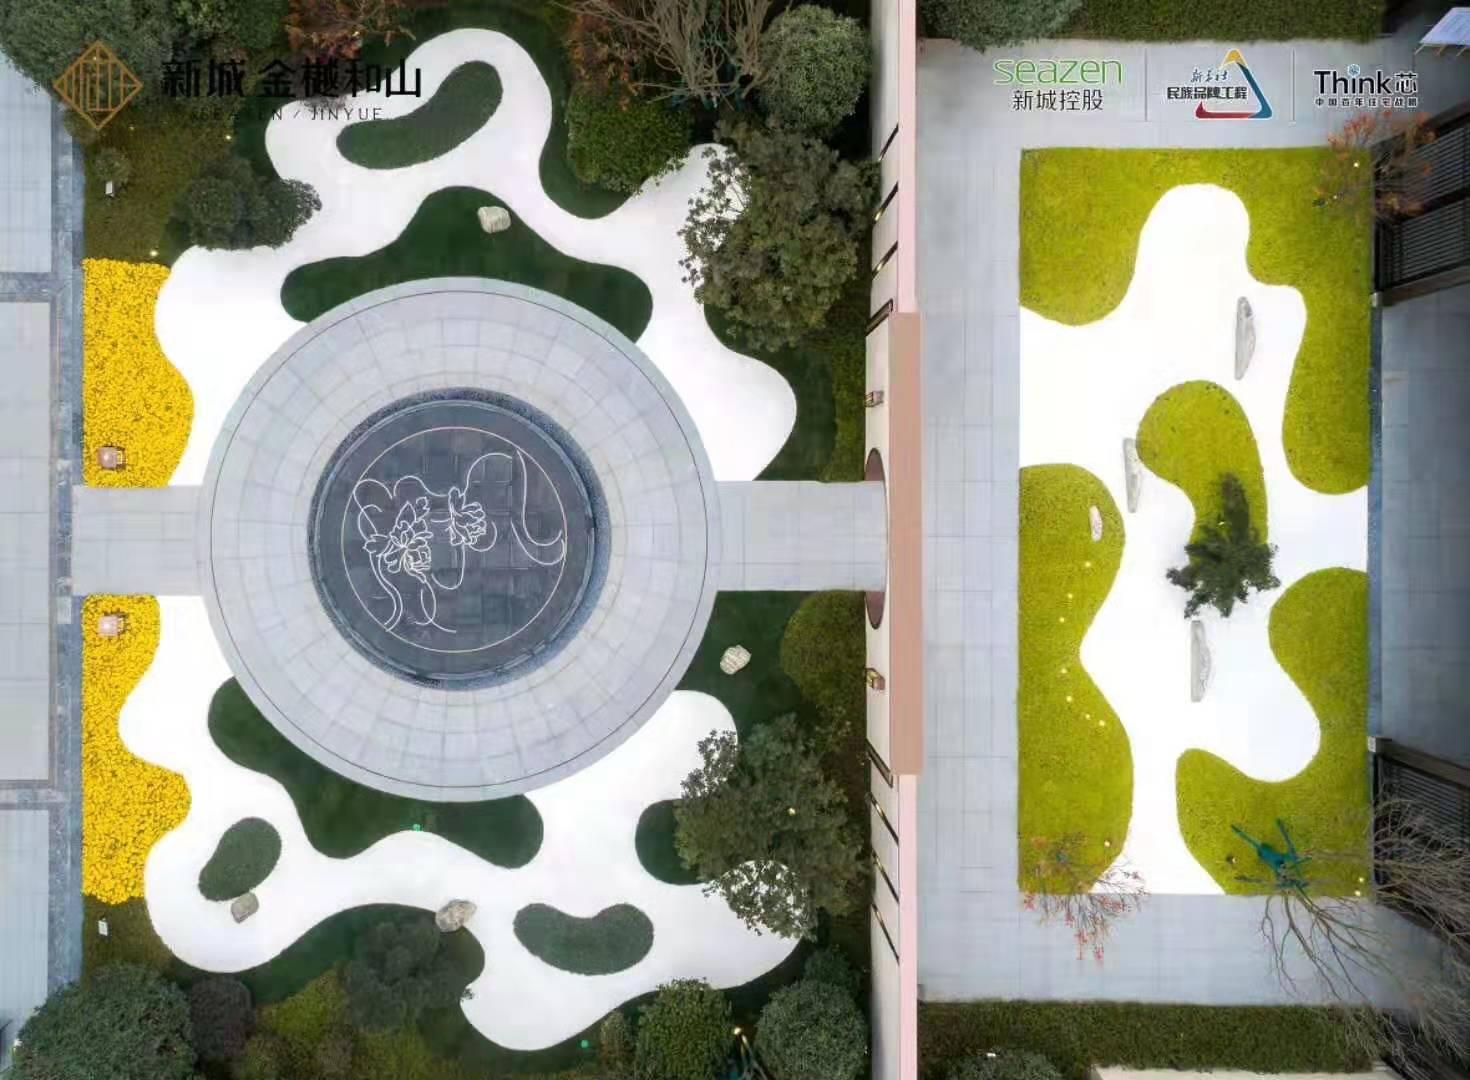 新城·金樾和山之园林篇:景观鉴赏-中国网地产